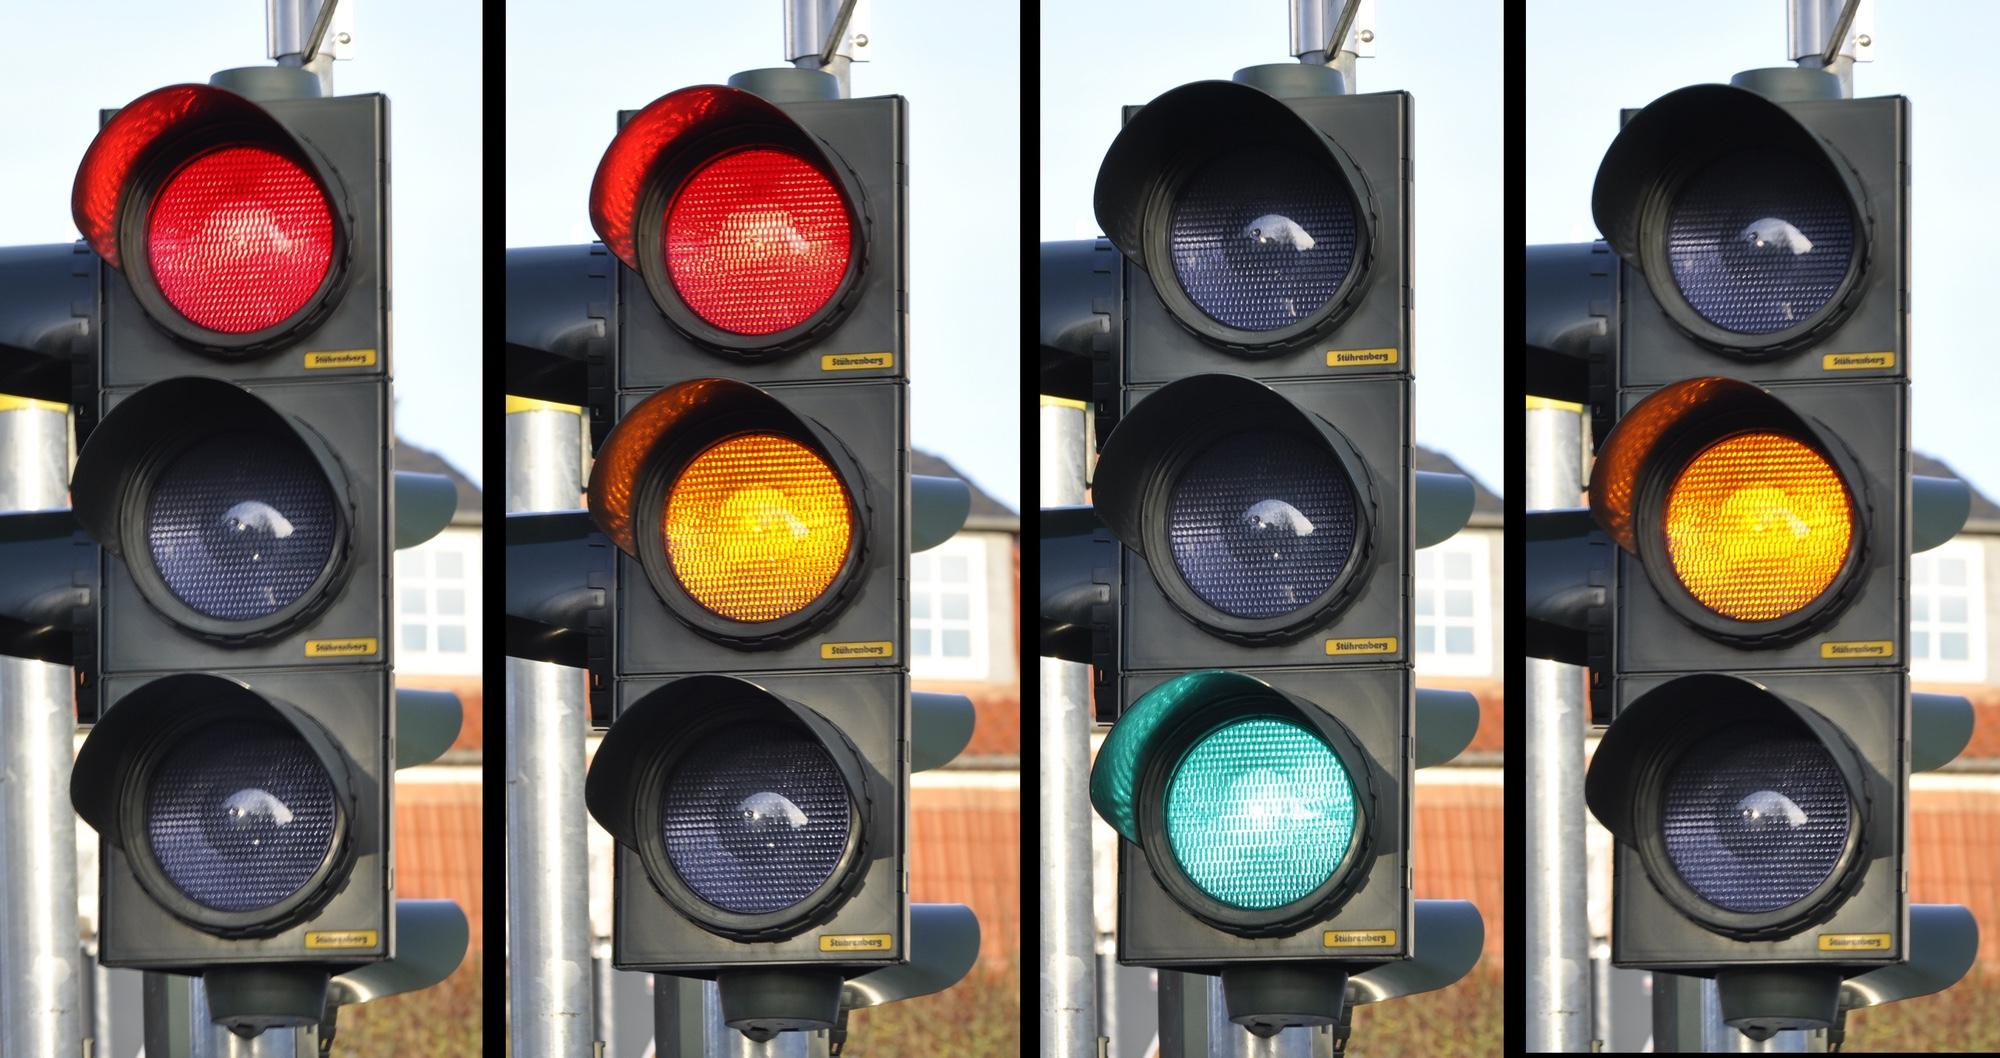 Foto: Lichtsignal mit mehreren Ampeln nebeneinander, die verschiedene Farben zeigen